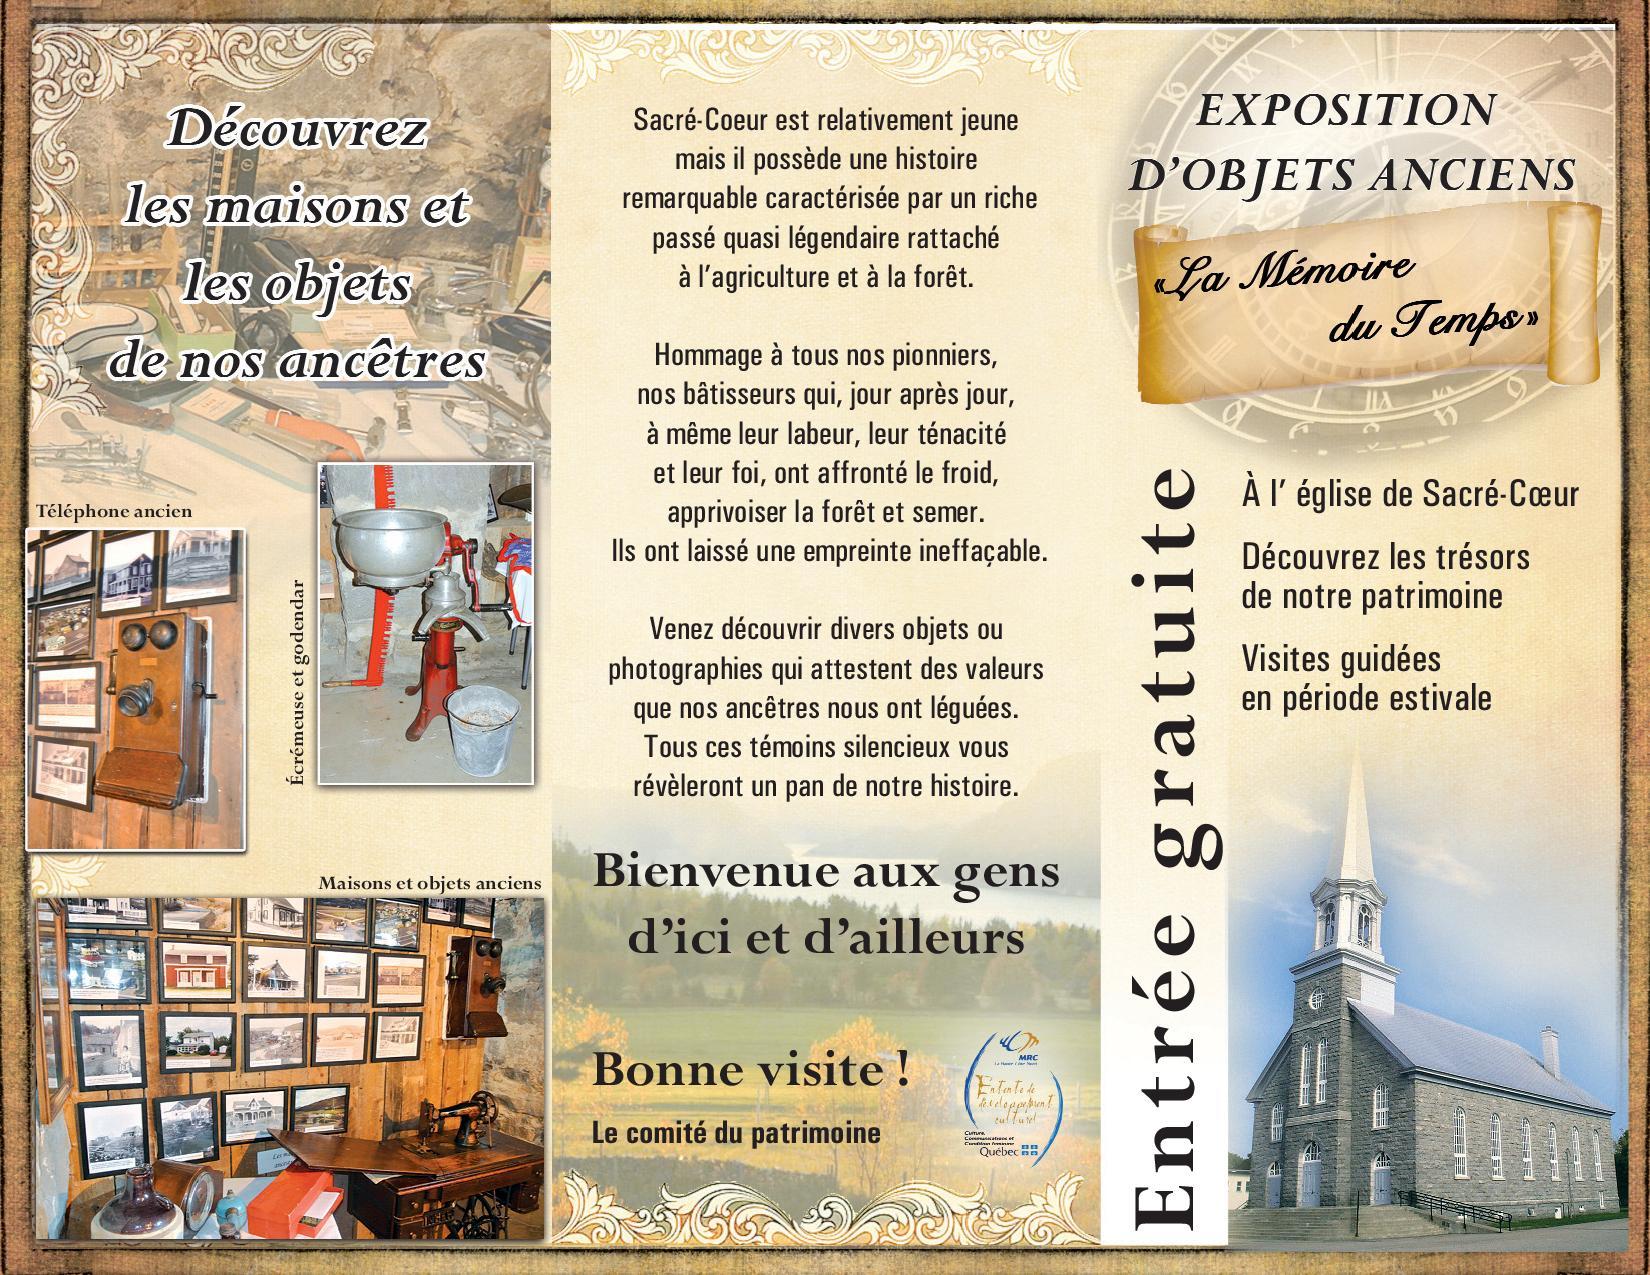 Exposition-La-Mémoire-du-Temps-page-002